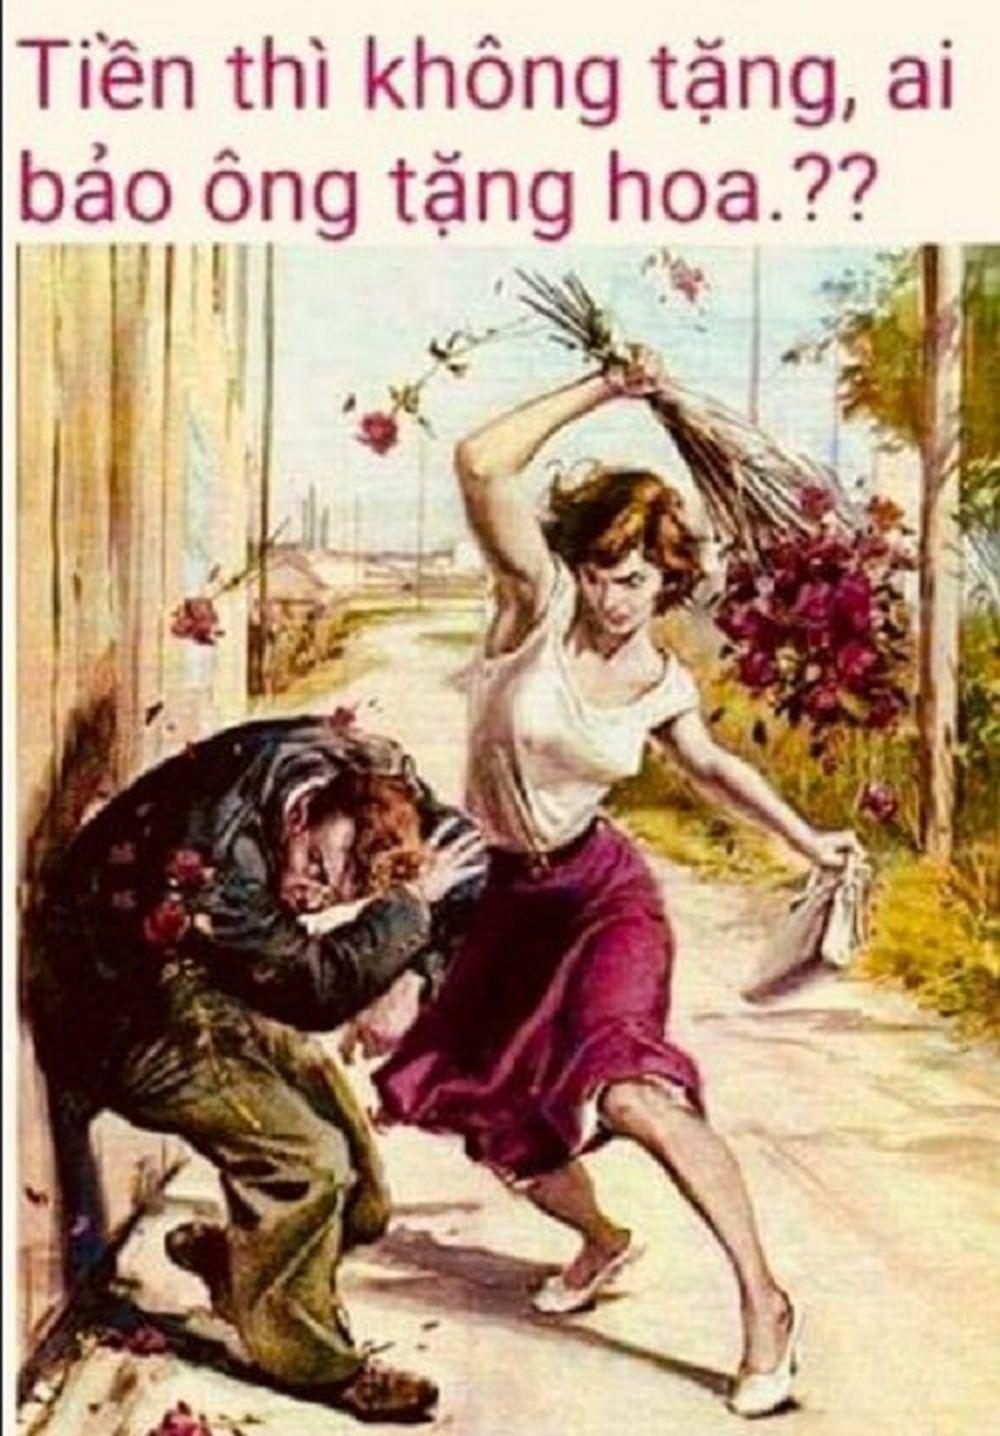 Bí kíp bình an dịp Quốc tế phụ nữ: Bơ đi mà sống.